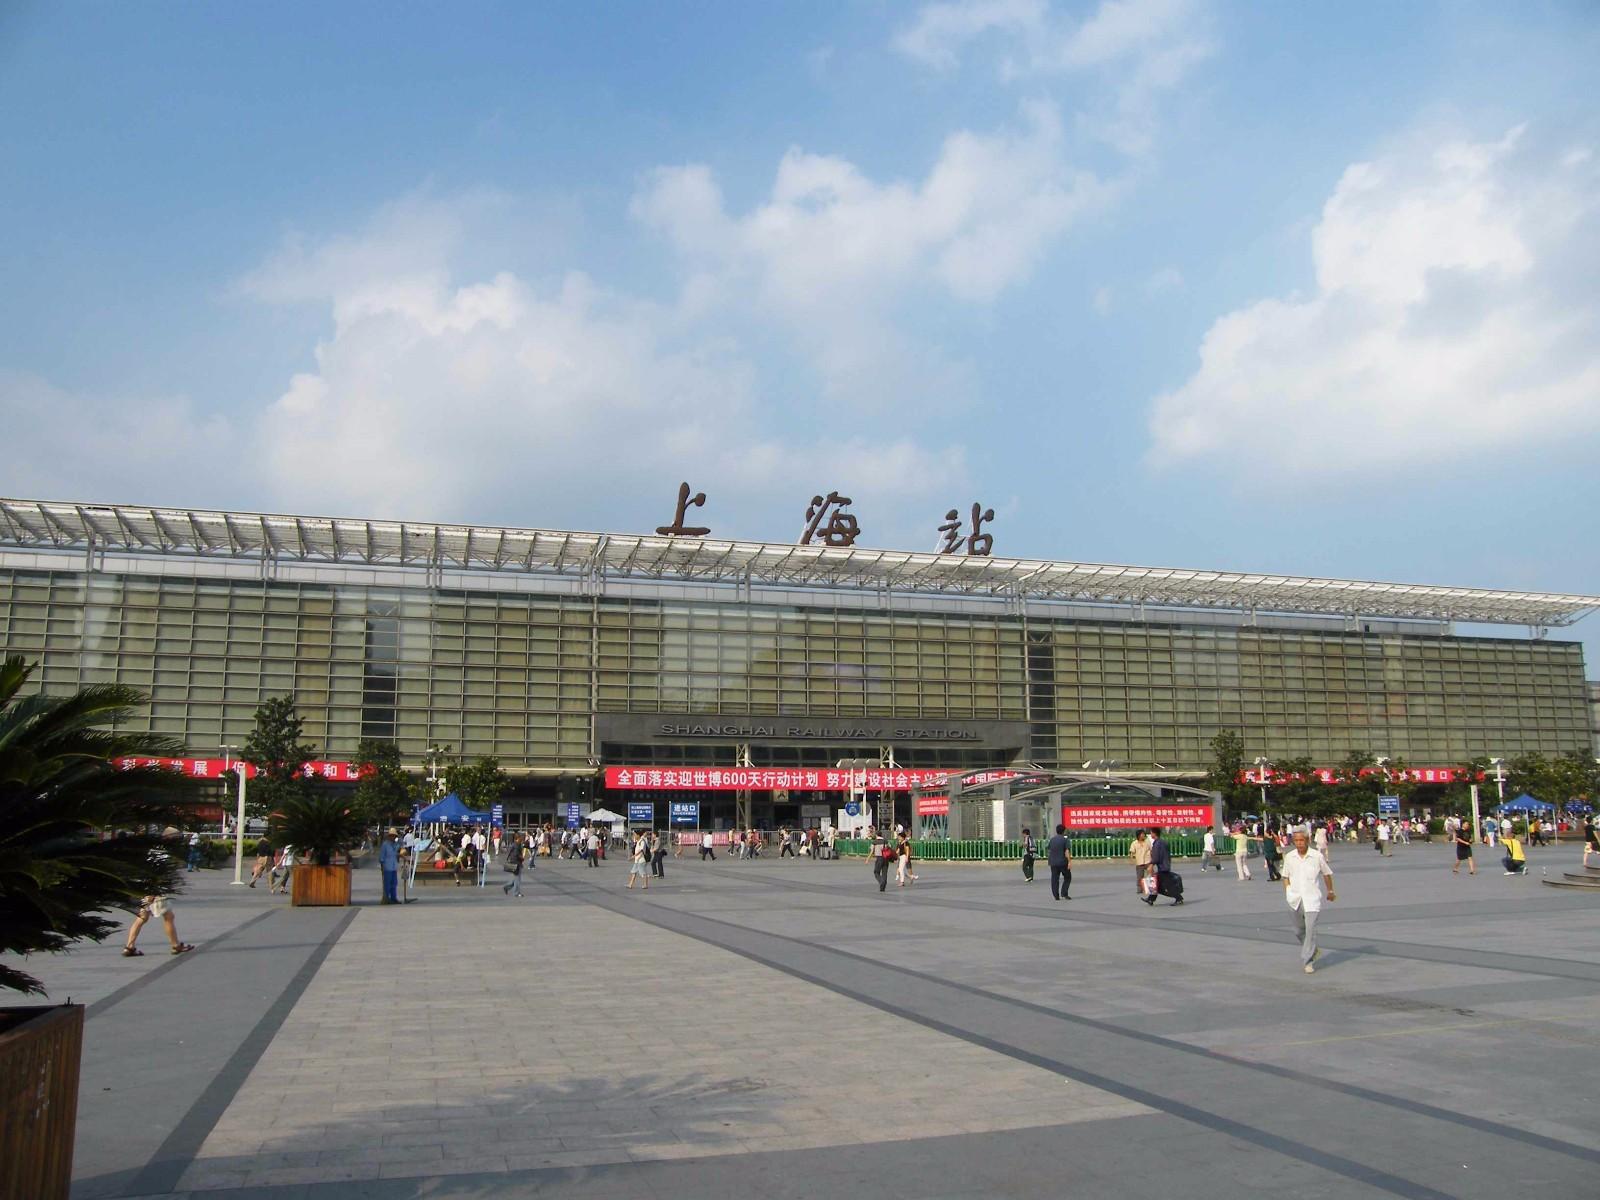 上海市闸北区秣陵路_动车上海站是指上海火车站吗?_百度知道